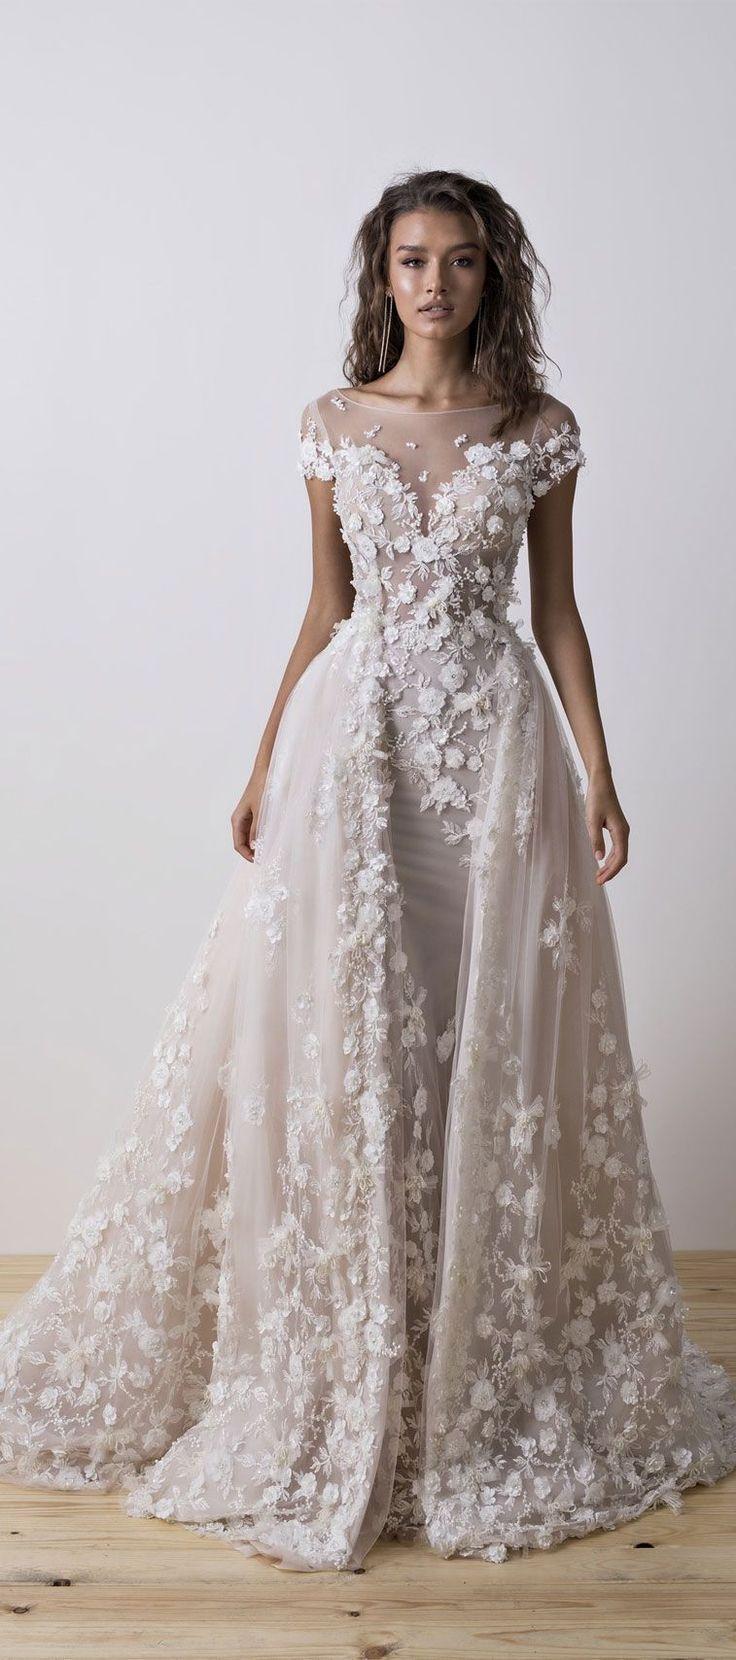 Short Sleeves Floral Applique Illusion Neckline Sheath Wedding